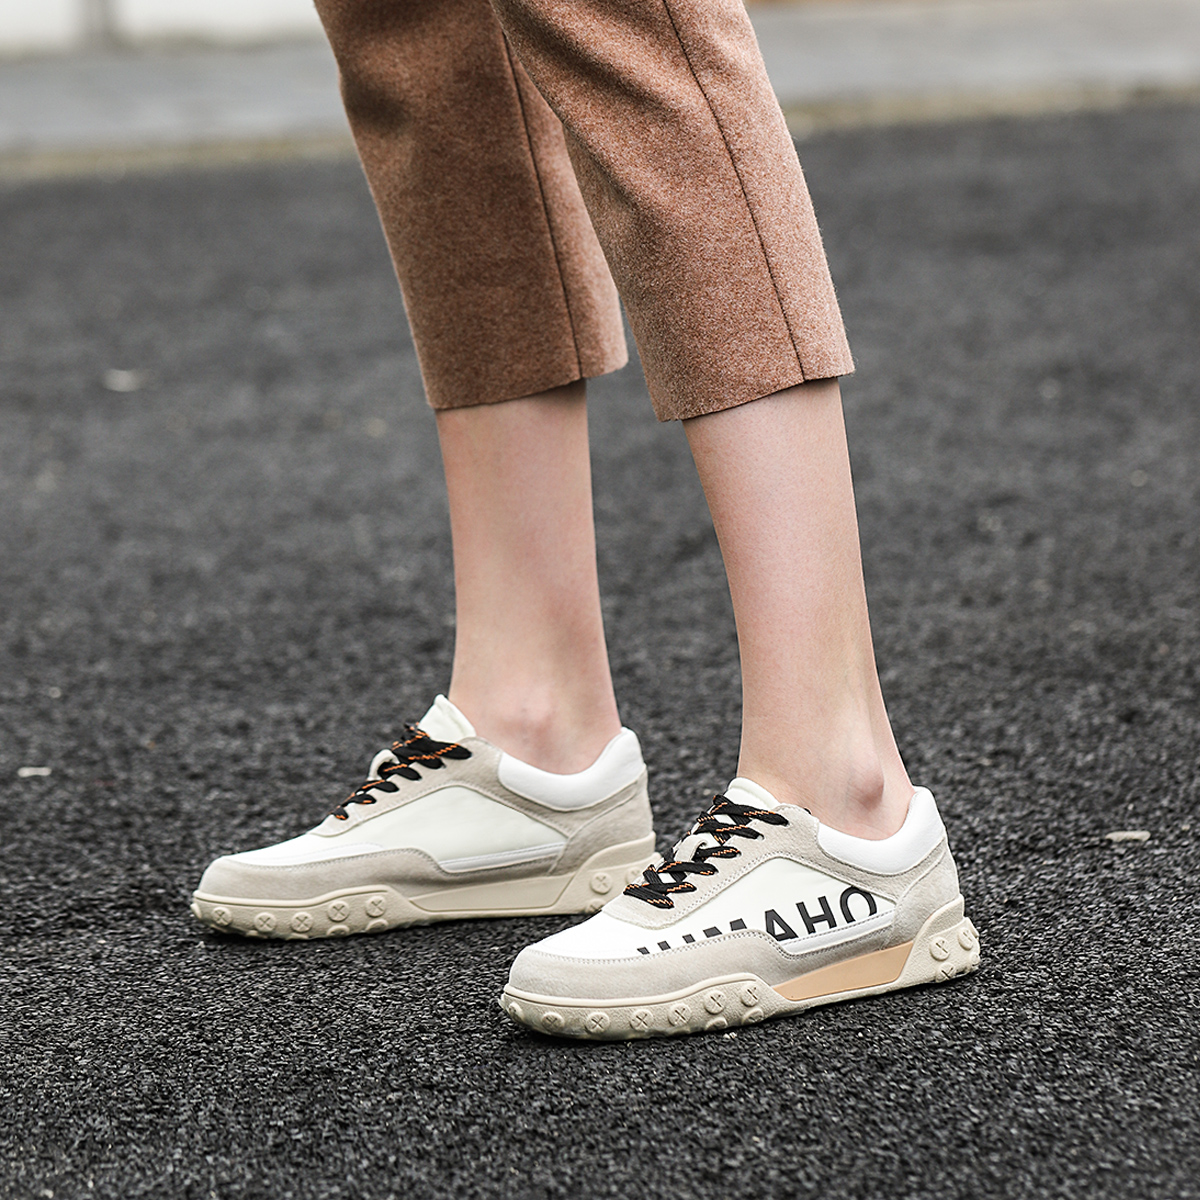 跑步鞋 香港mtmit2019新款女鞋轻便跑步鞋潮流运动鞋女休闲鞋老爹鞋_推荐淘宝好看的跑步鞋